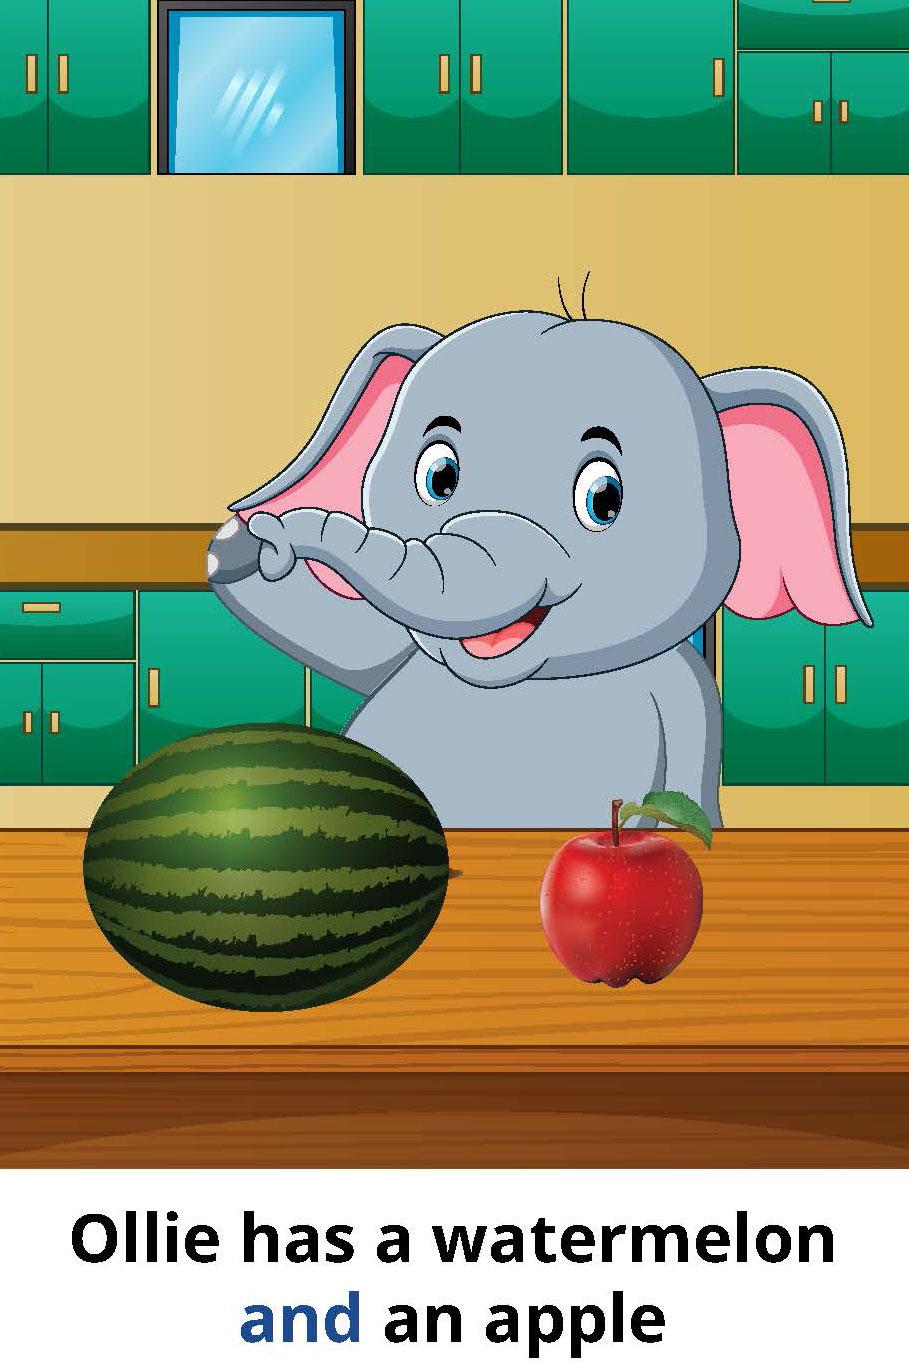 Ollie has an apple and a watermelon